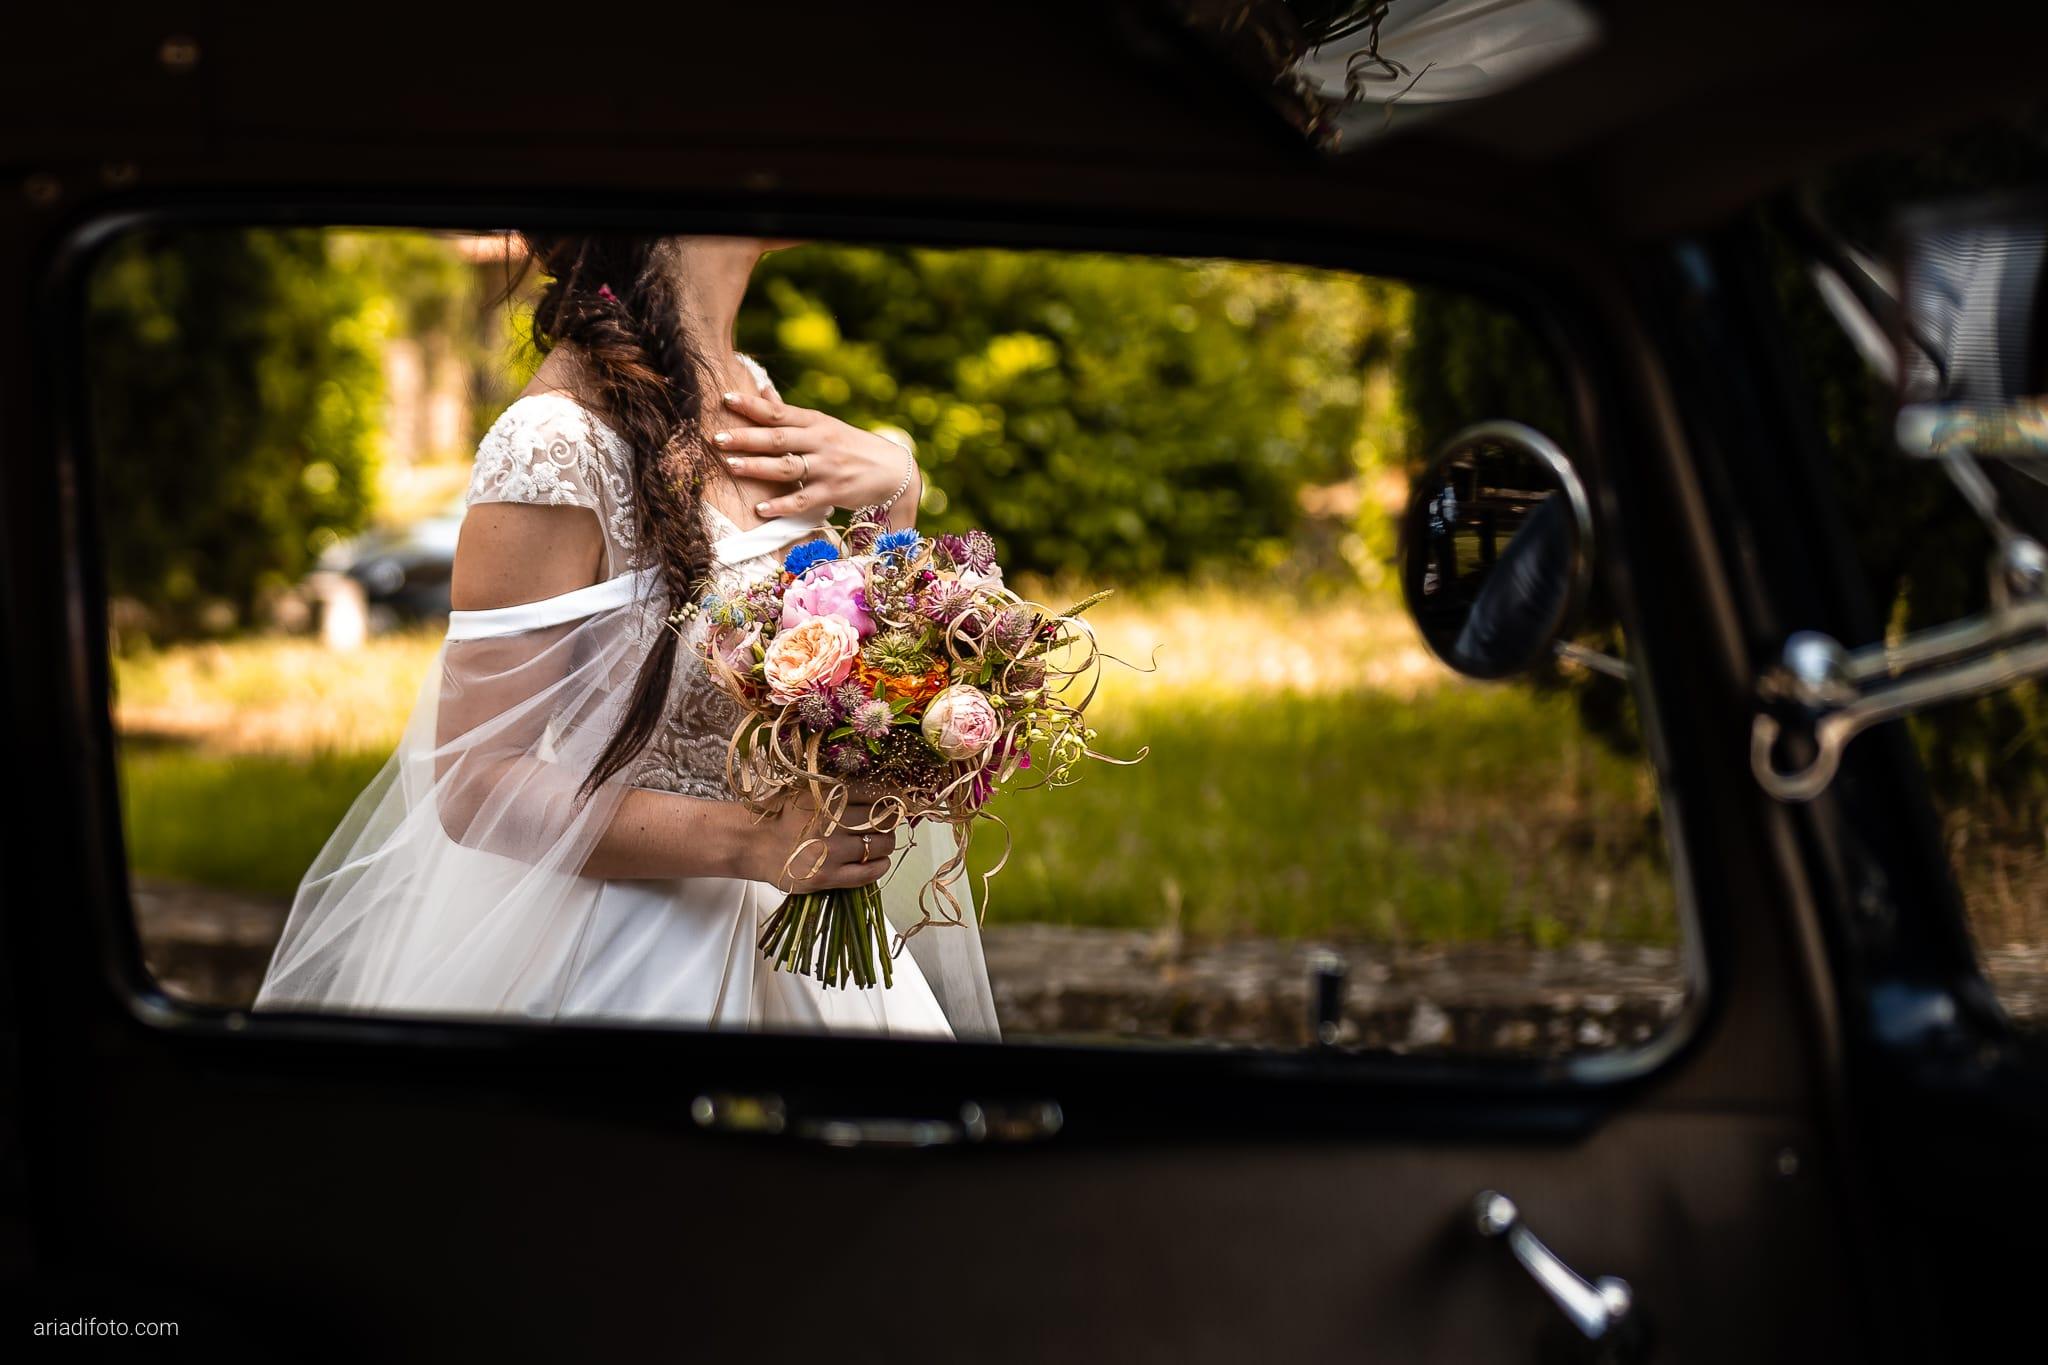 Giorgia Davide Matrimonio Muggia Trieste Baronesse Tacco San Floriano Del Collio Gorizia momenti dettagli bouquet fiori